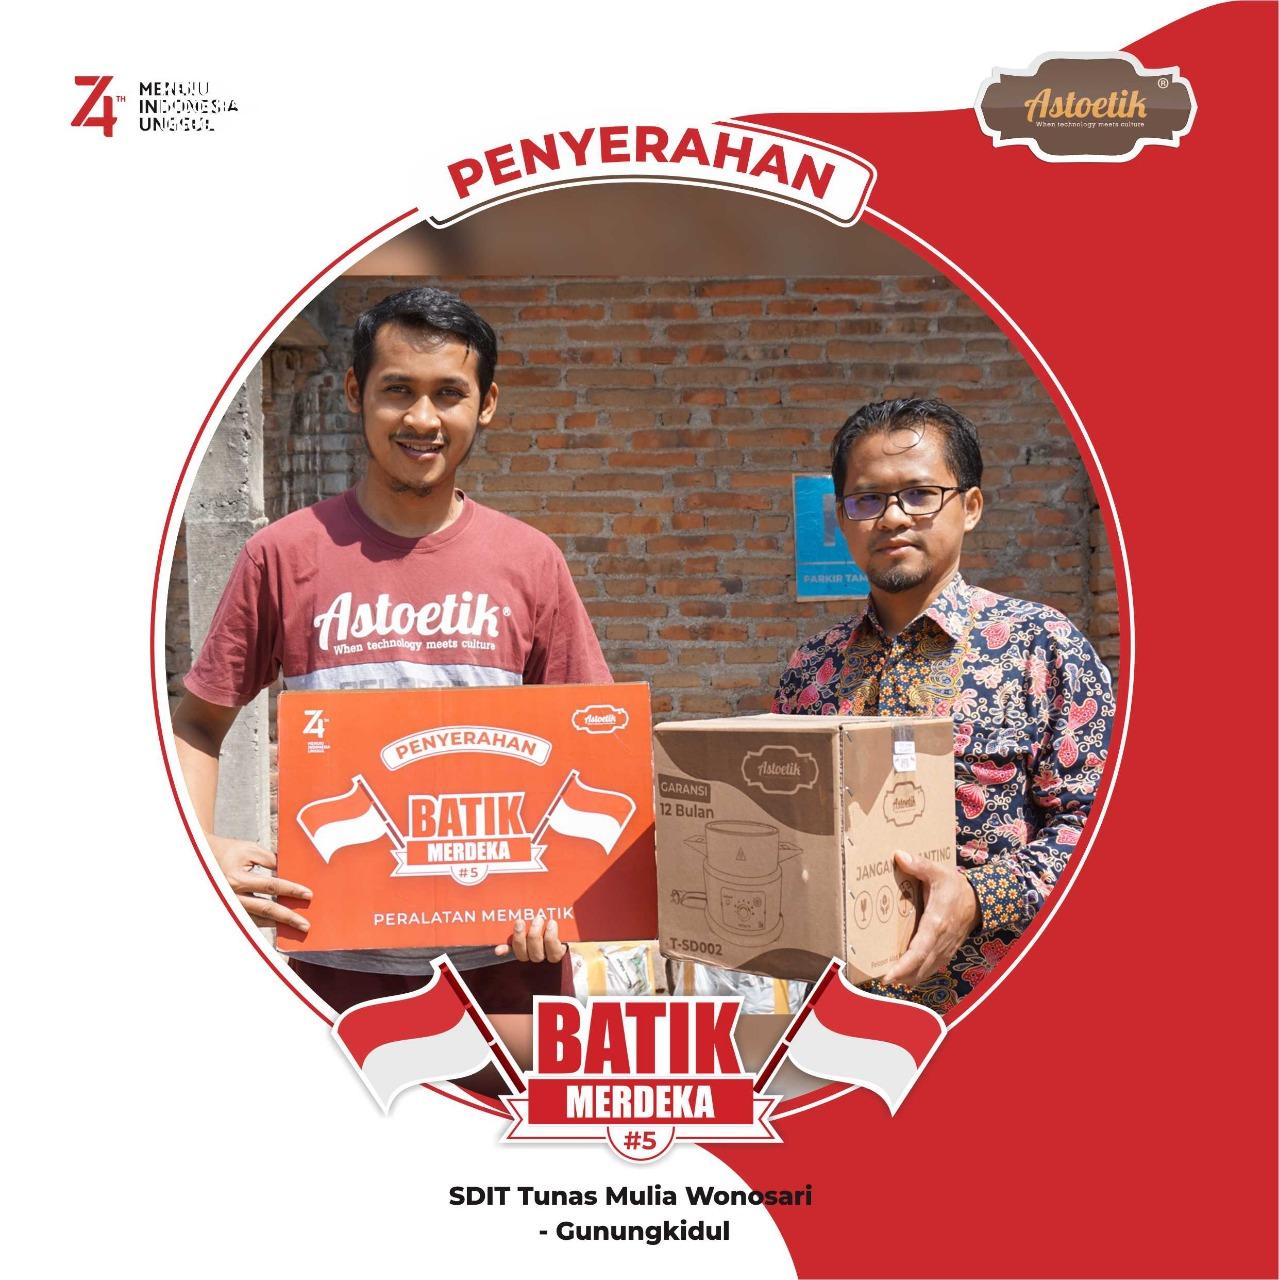 Penyerahan dan Respon Pemenang Program Batik Merdeka #5 Astoetik tahun 2019